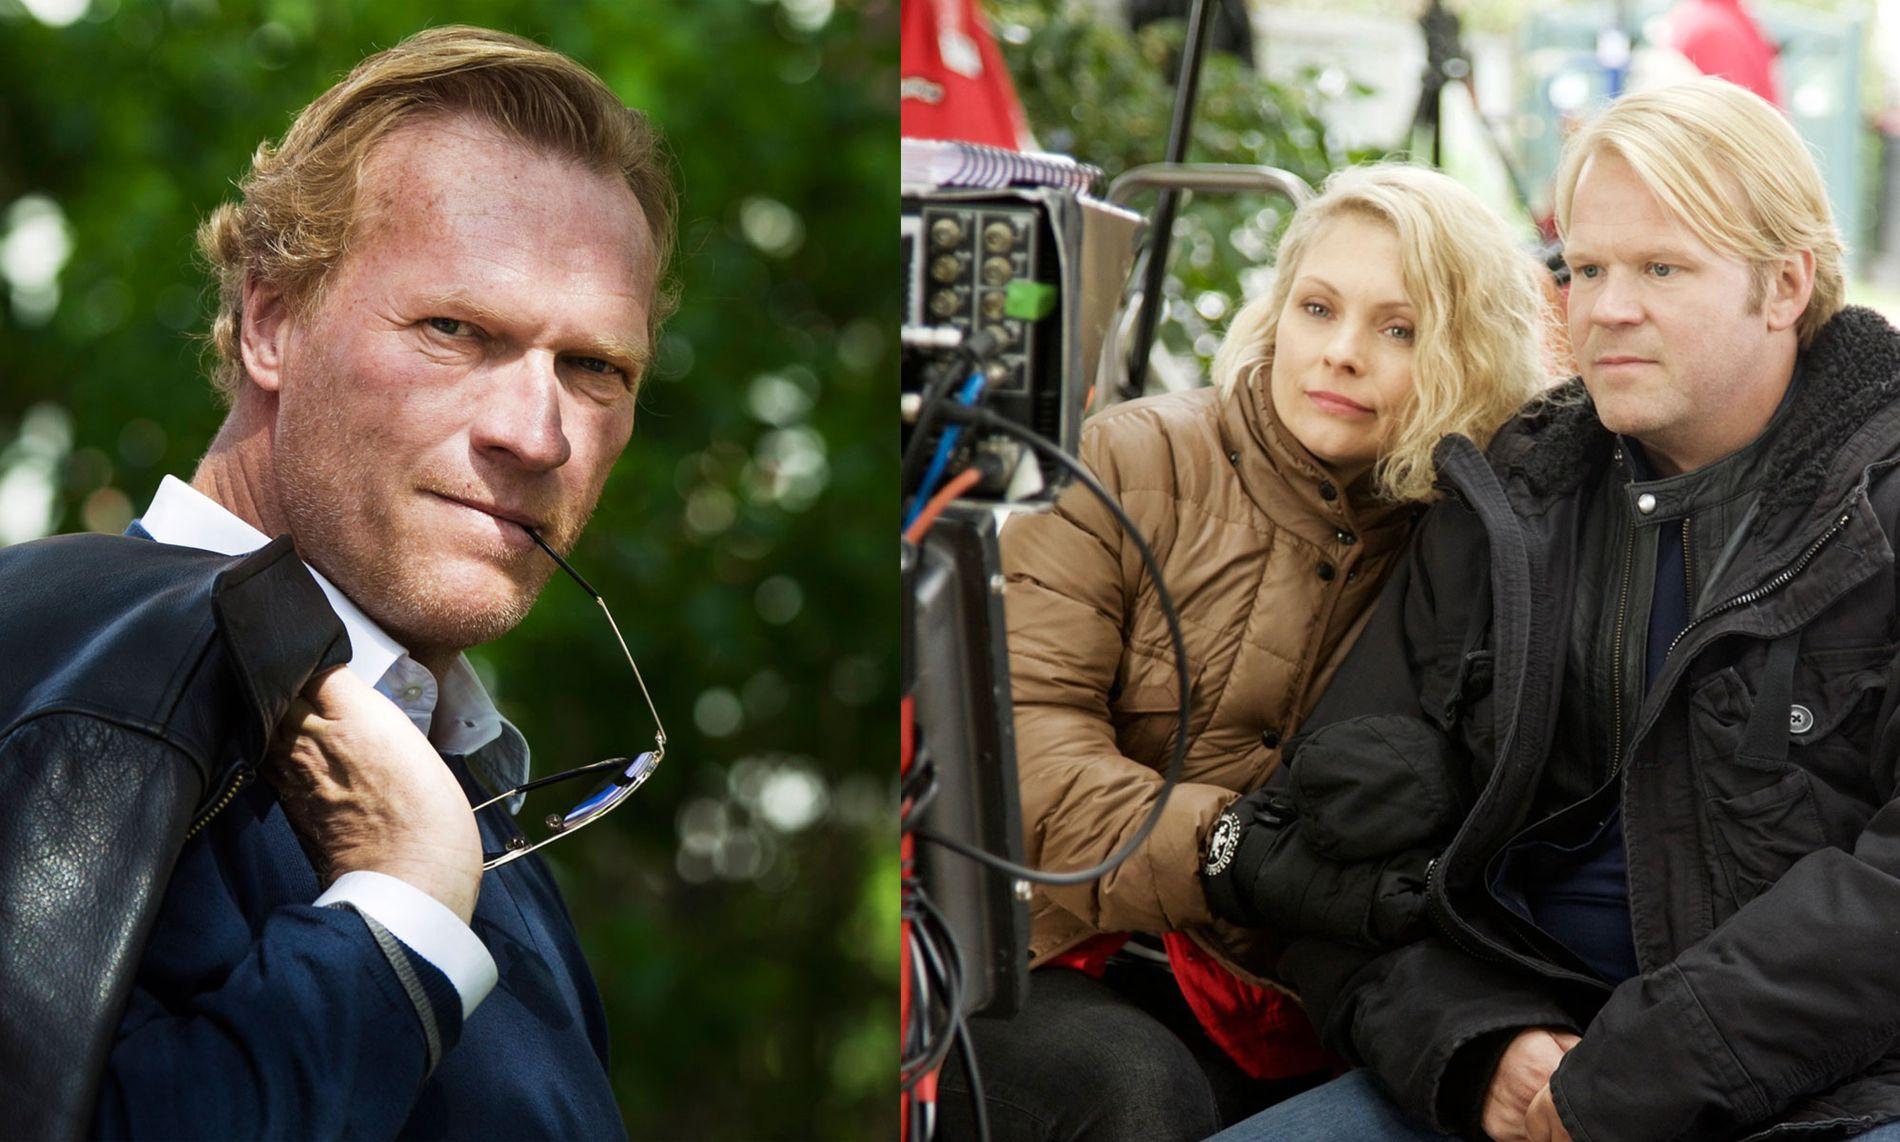 TV-KLARE: Sven Nordin (t.v.) skal spille krimhelt, mens Anders Baasmo Christiansen og MyAnna Buring skaper romantikk.